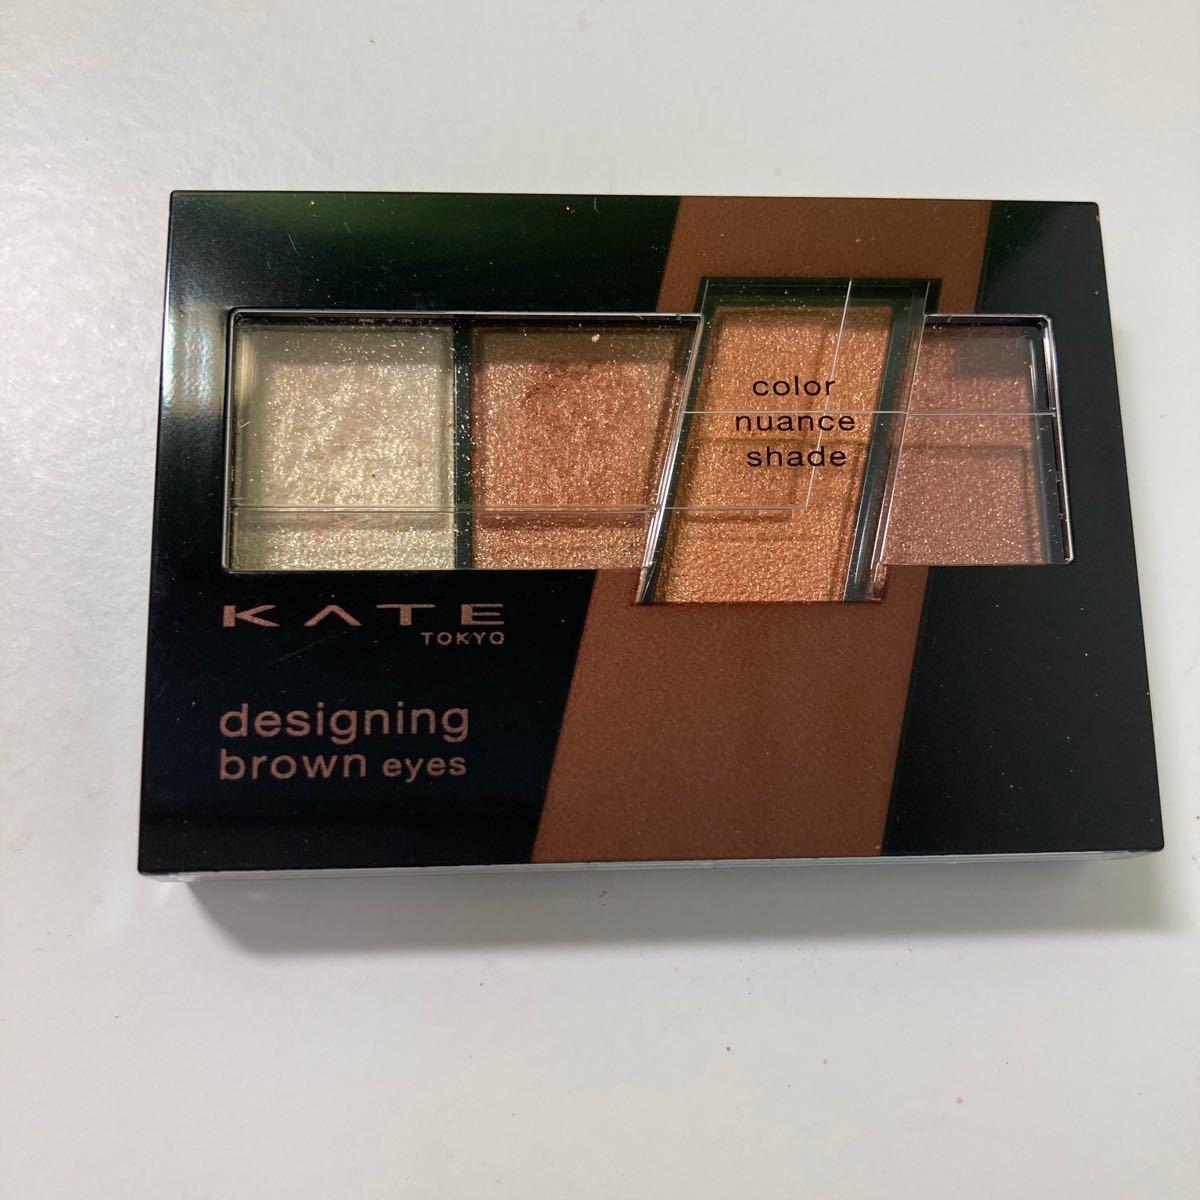 ケイト デザイニングブラウンアイズ BR-8